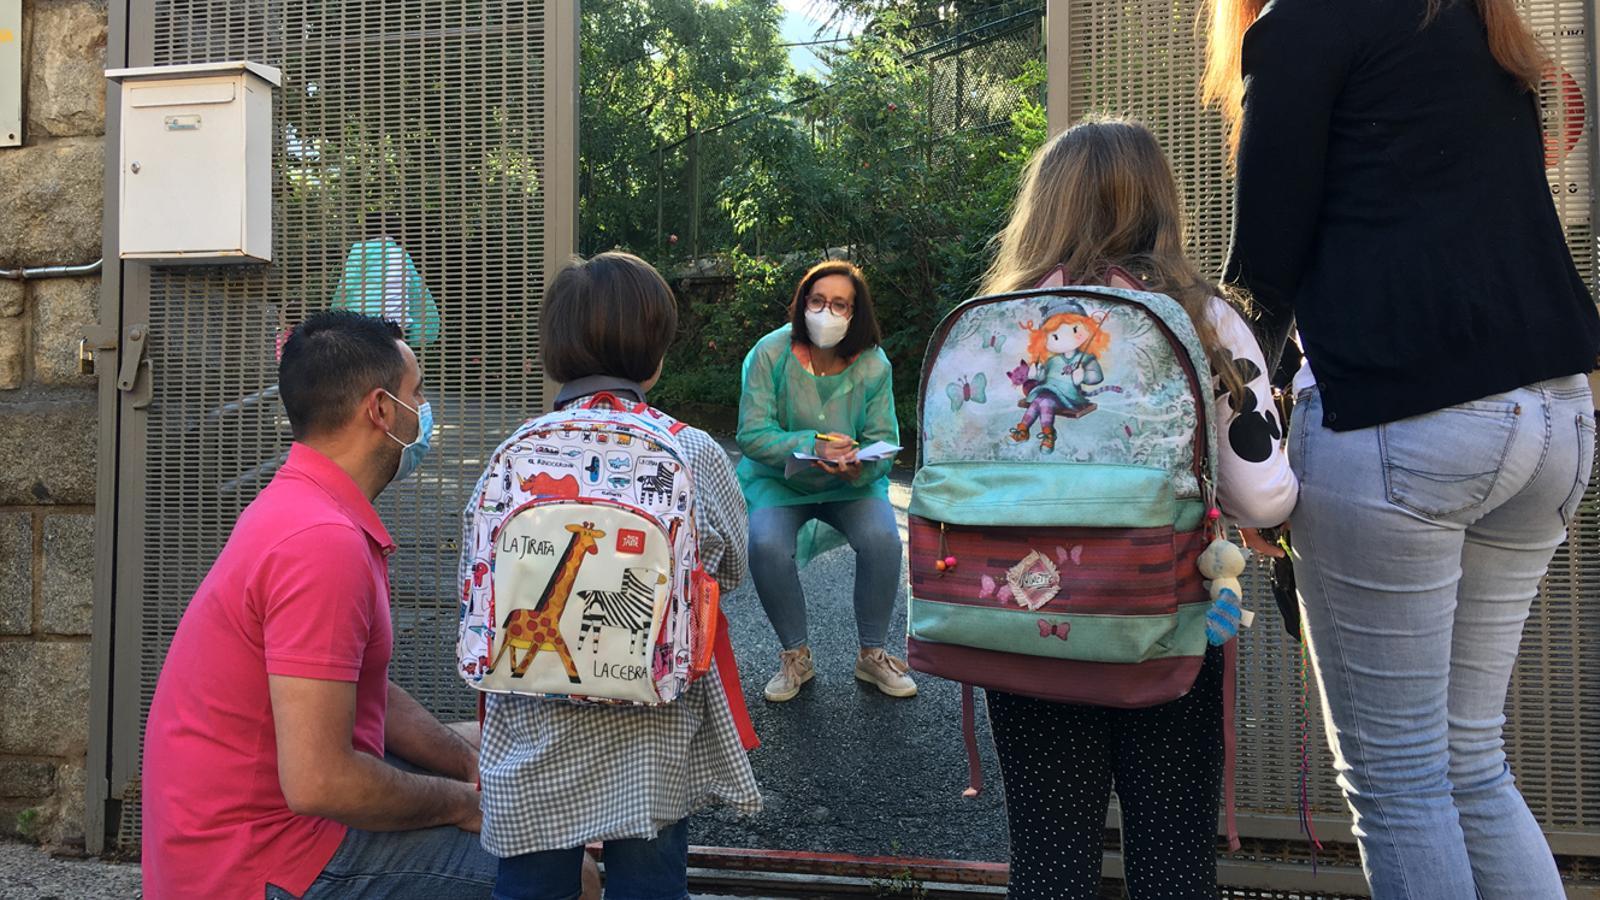 Els infants comencen a entrar a l'escola amb mesures d'higiene i seguretat. / M. P. (ANA)